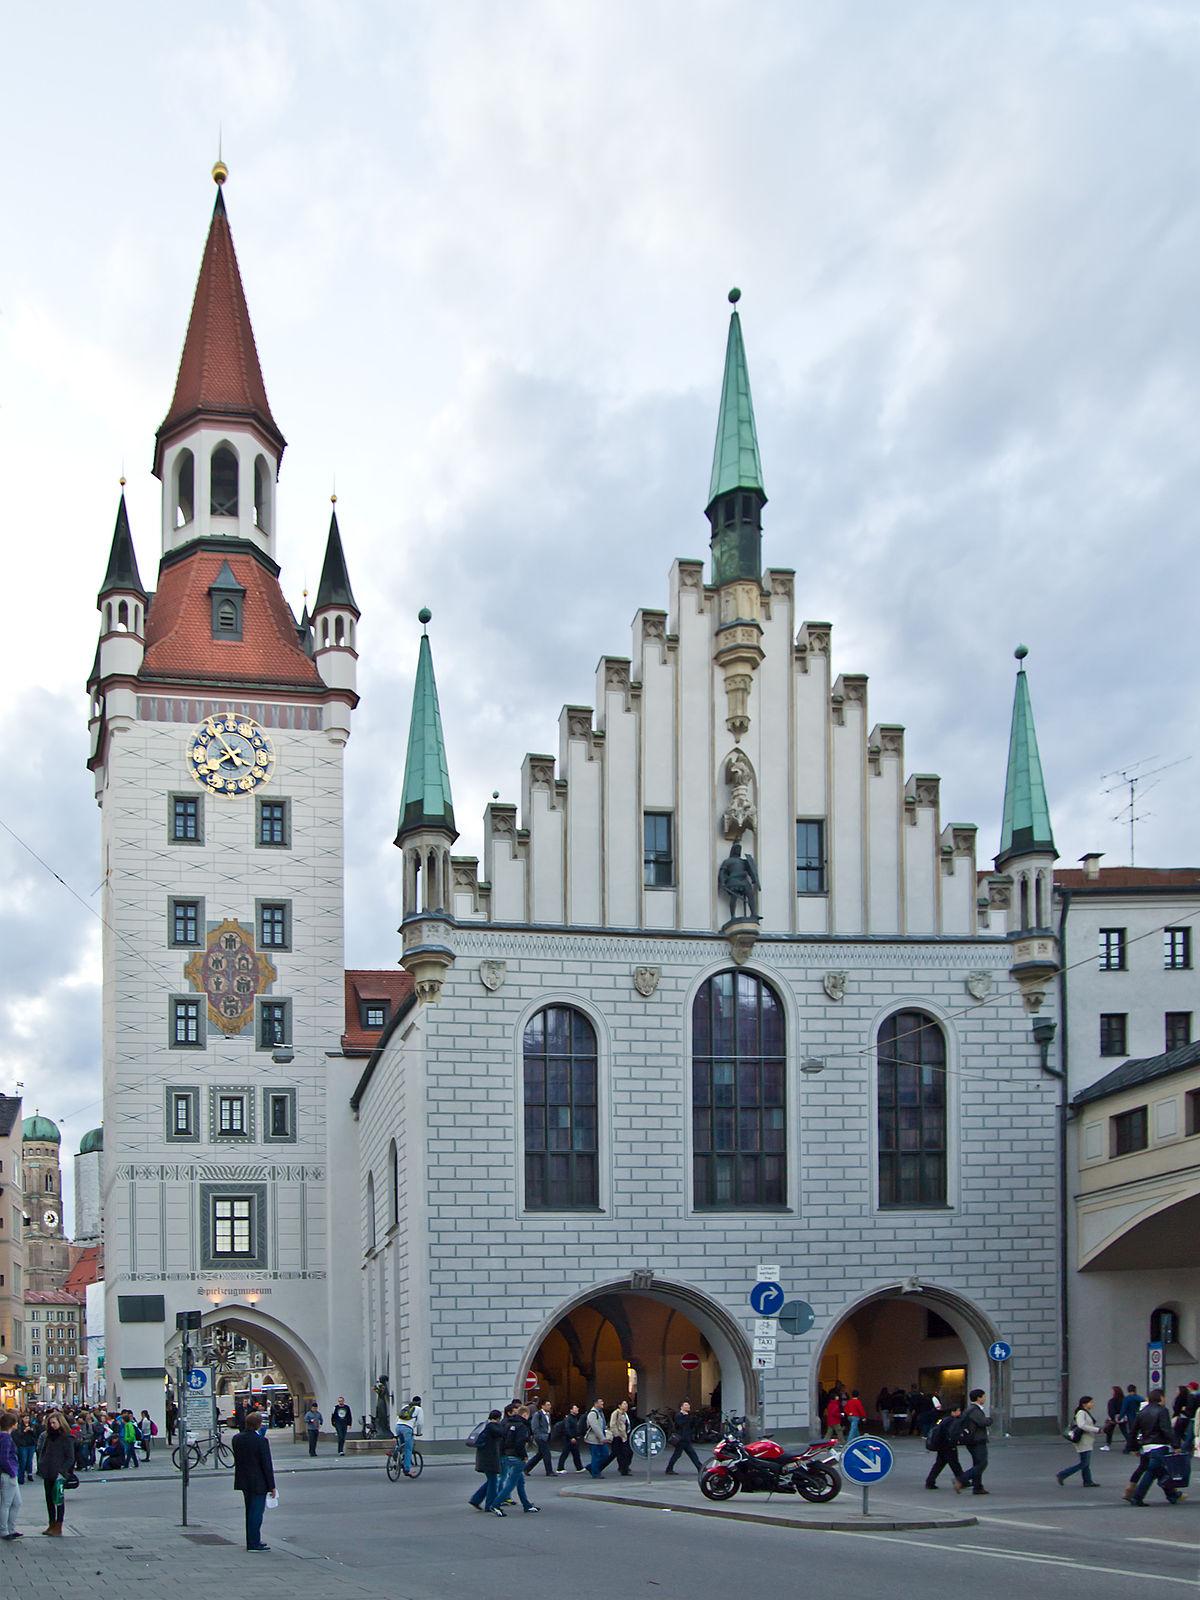 Old Town Hall, Munich - Wikipedia